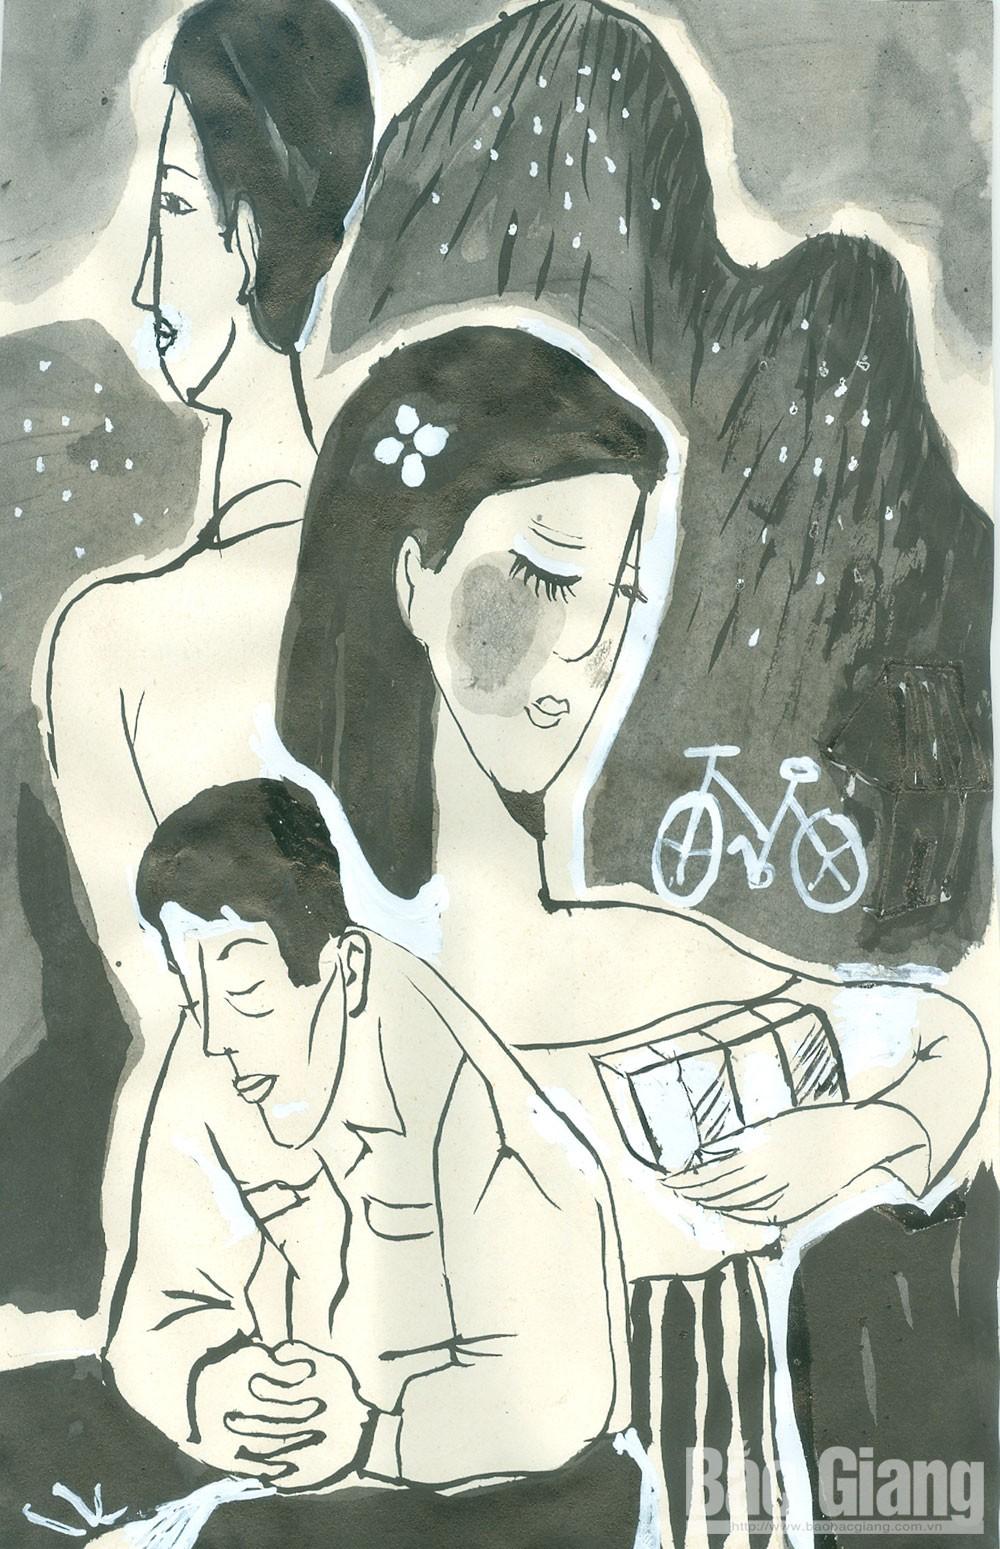 Bình Yên, mái ấm gia đình, em gái, nguyên nhân, truyện ngắn